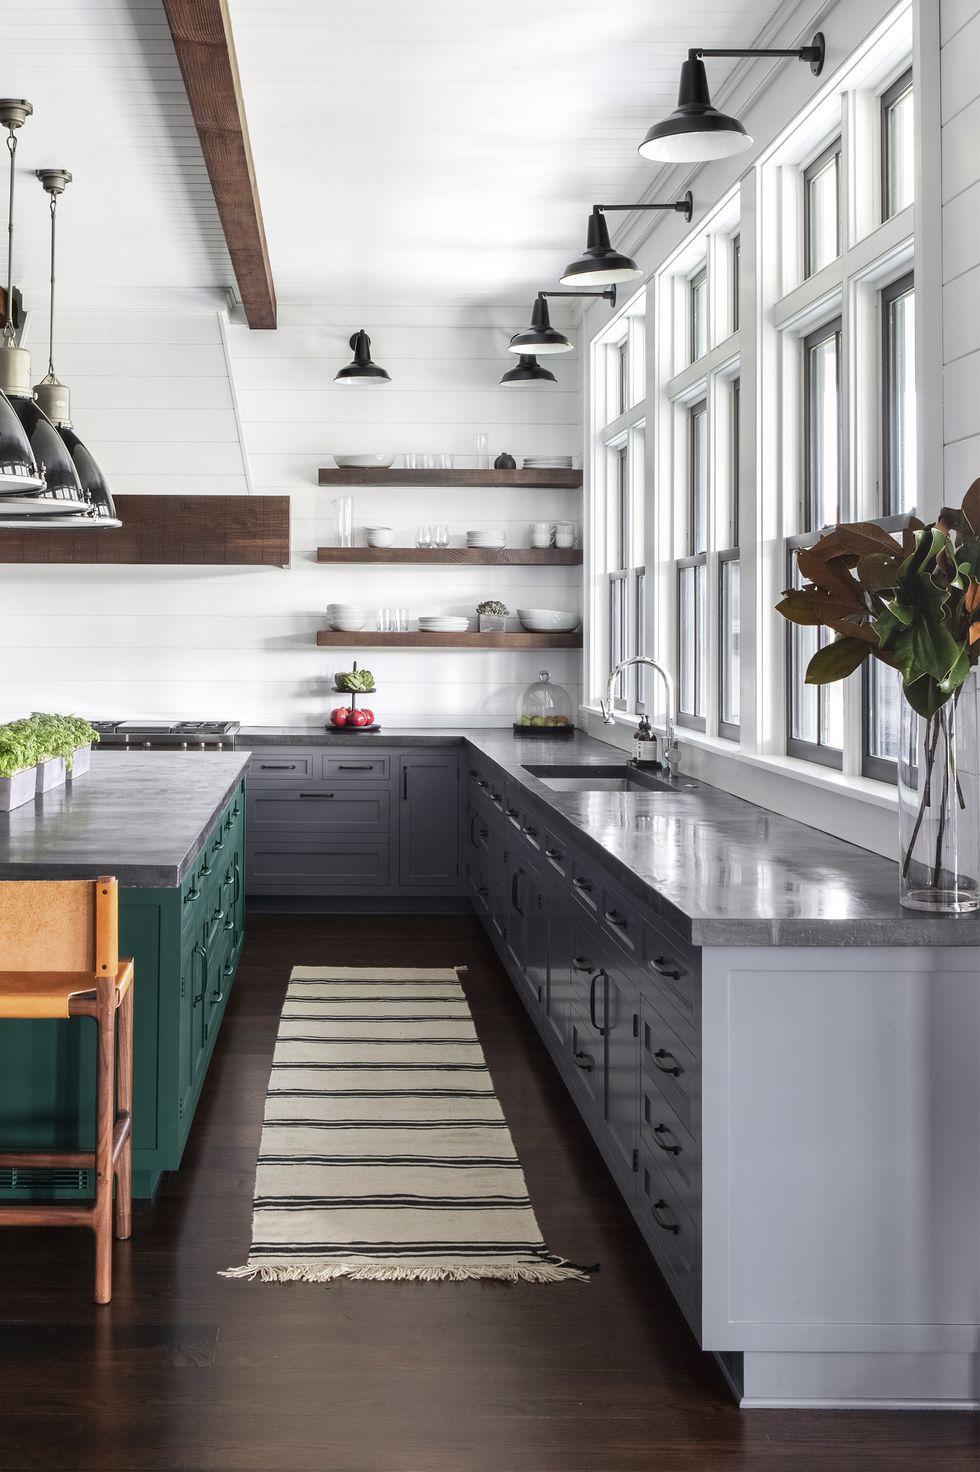 طراحی فوق مدرن آشپزخانه در سال 2020